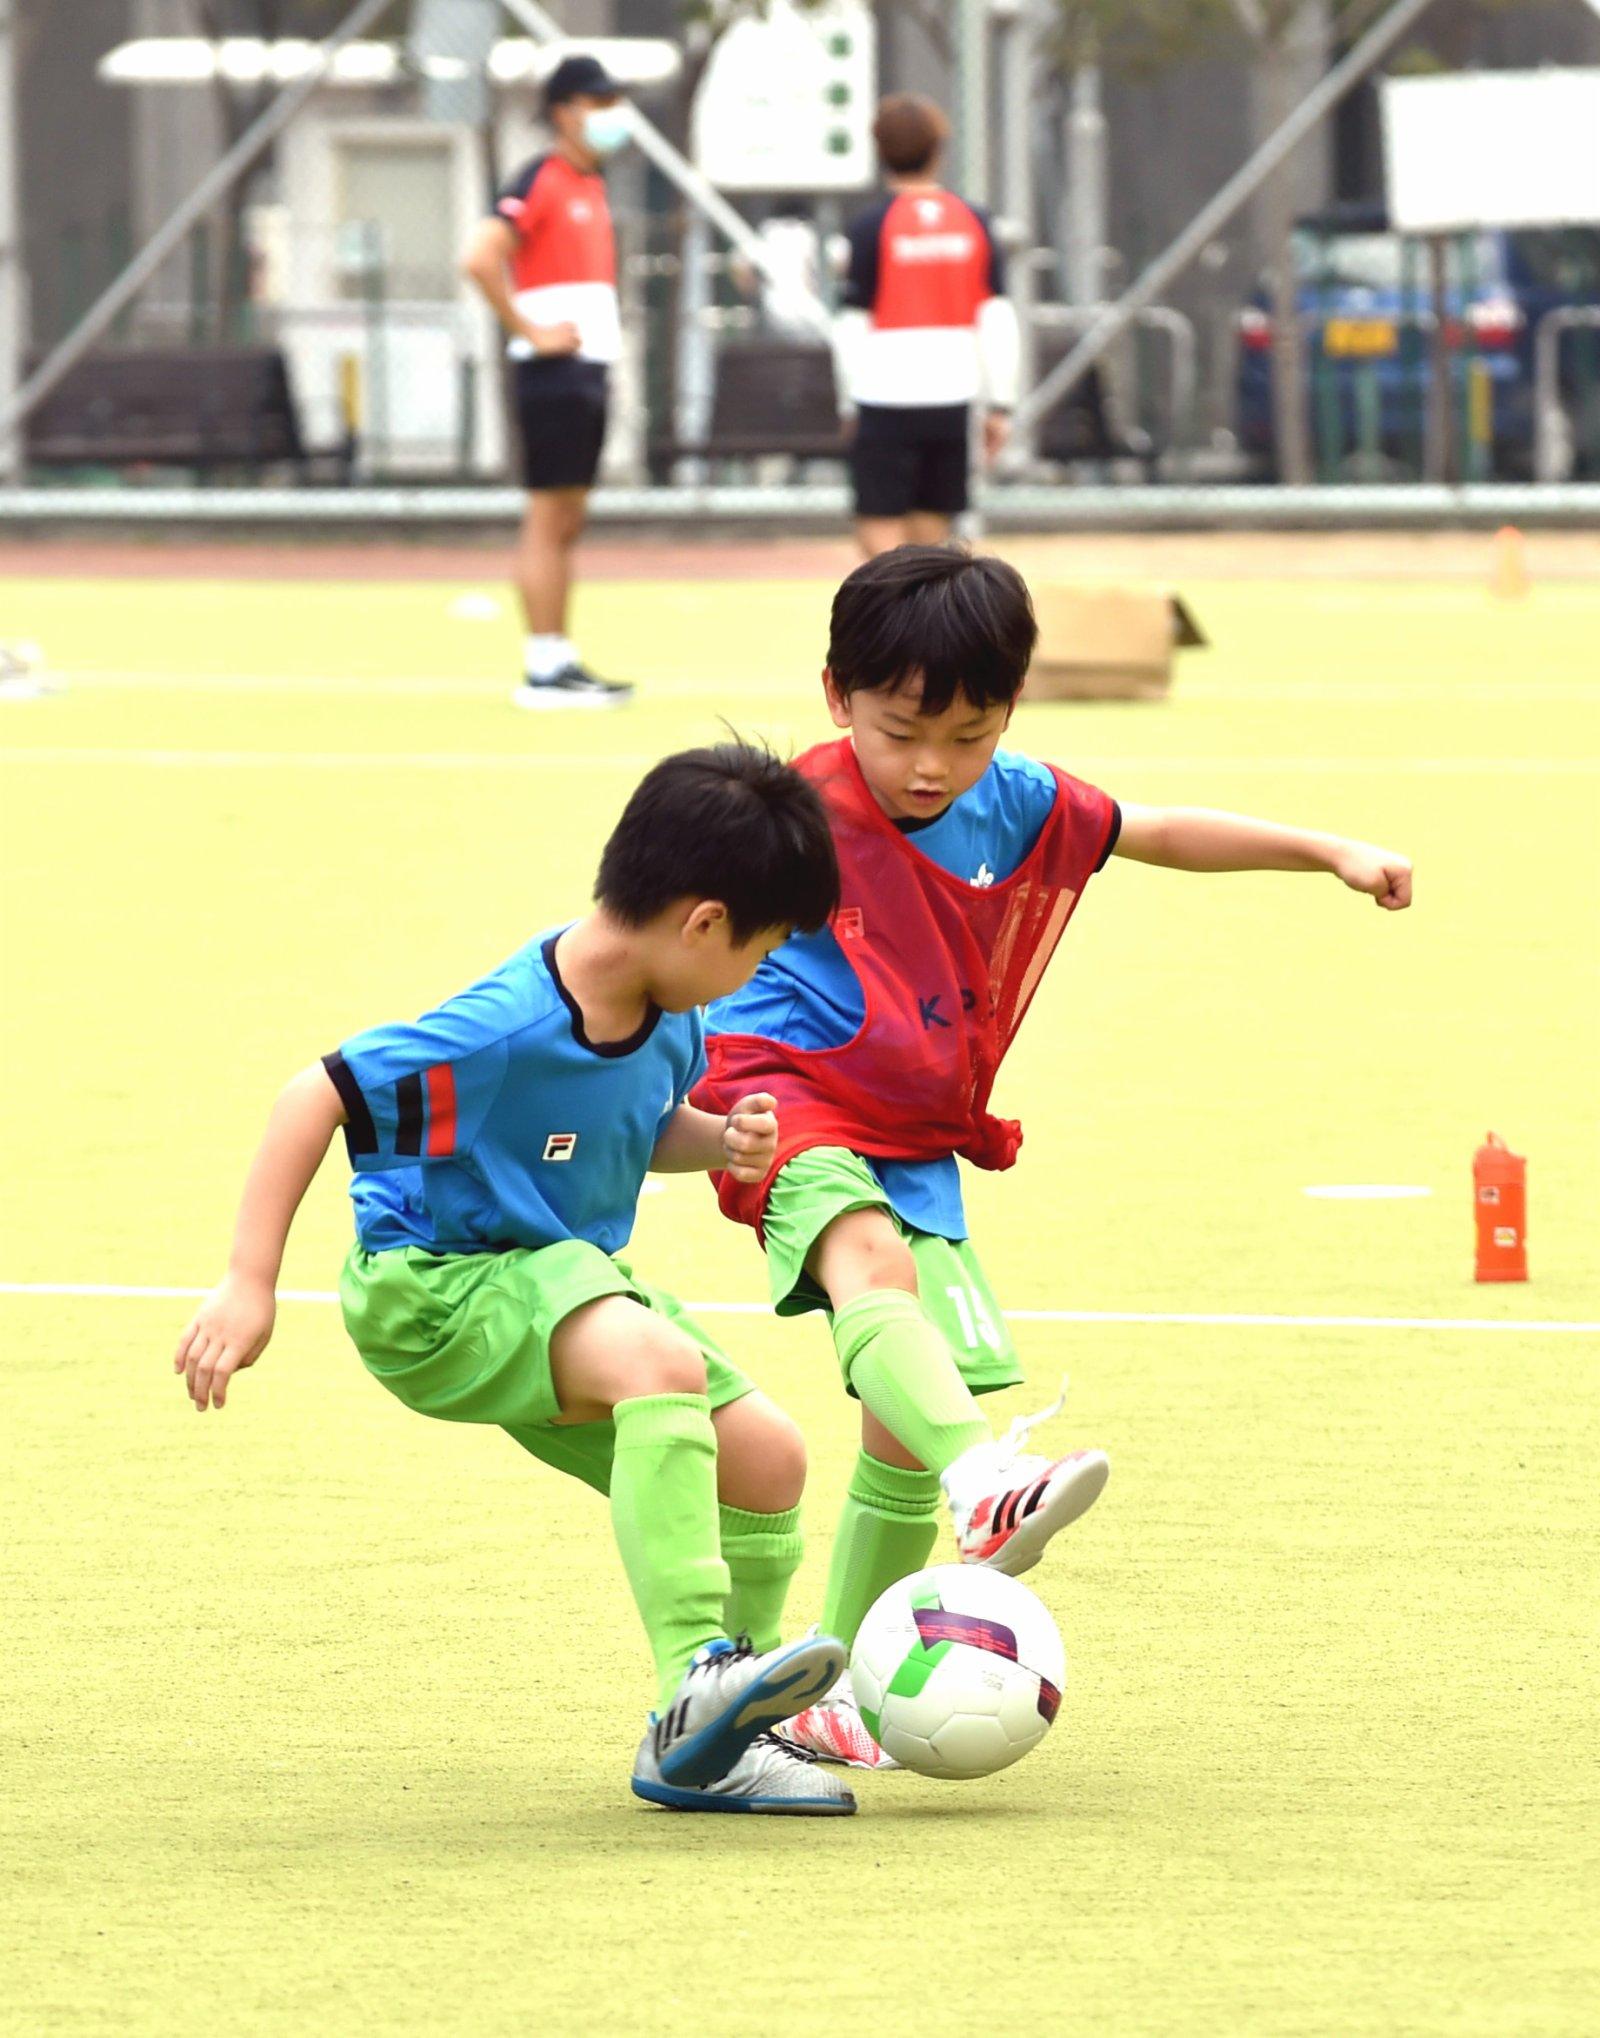 6月6日,小球員在足球比賽中。(新華社)